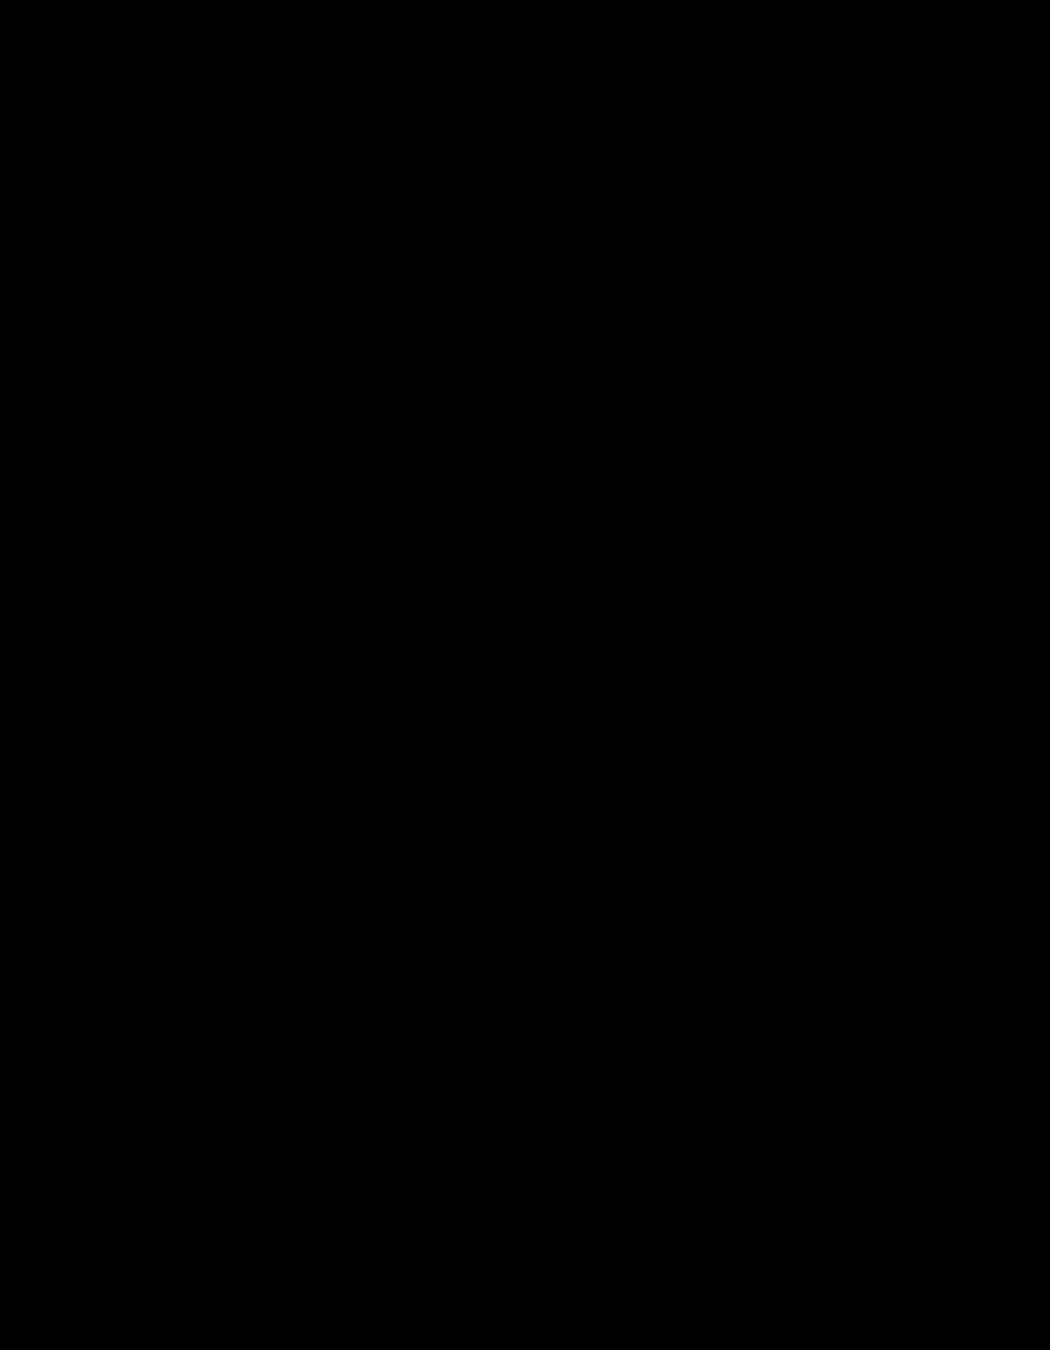 Palmetto and Crescent Moon